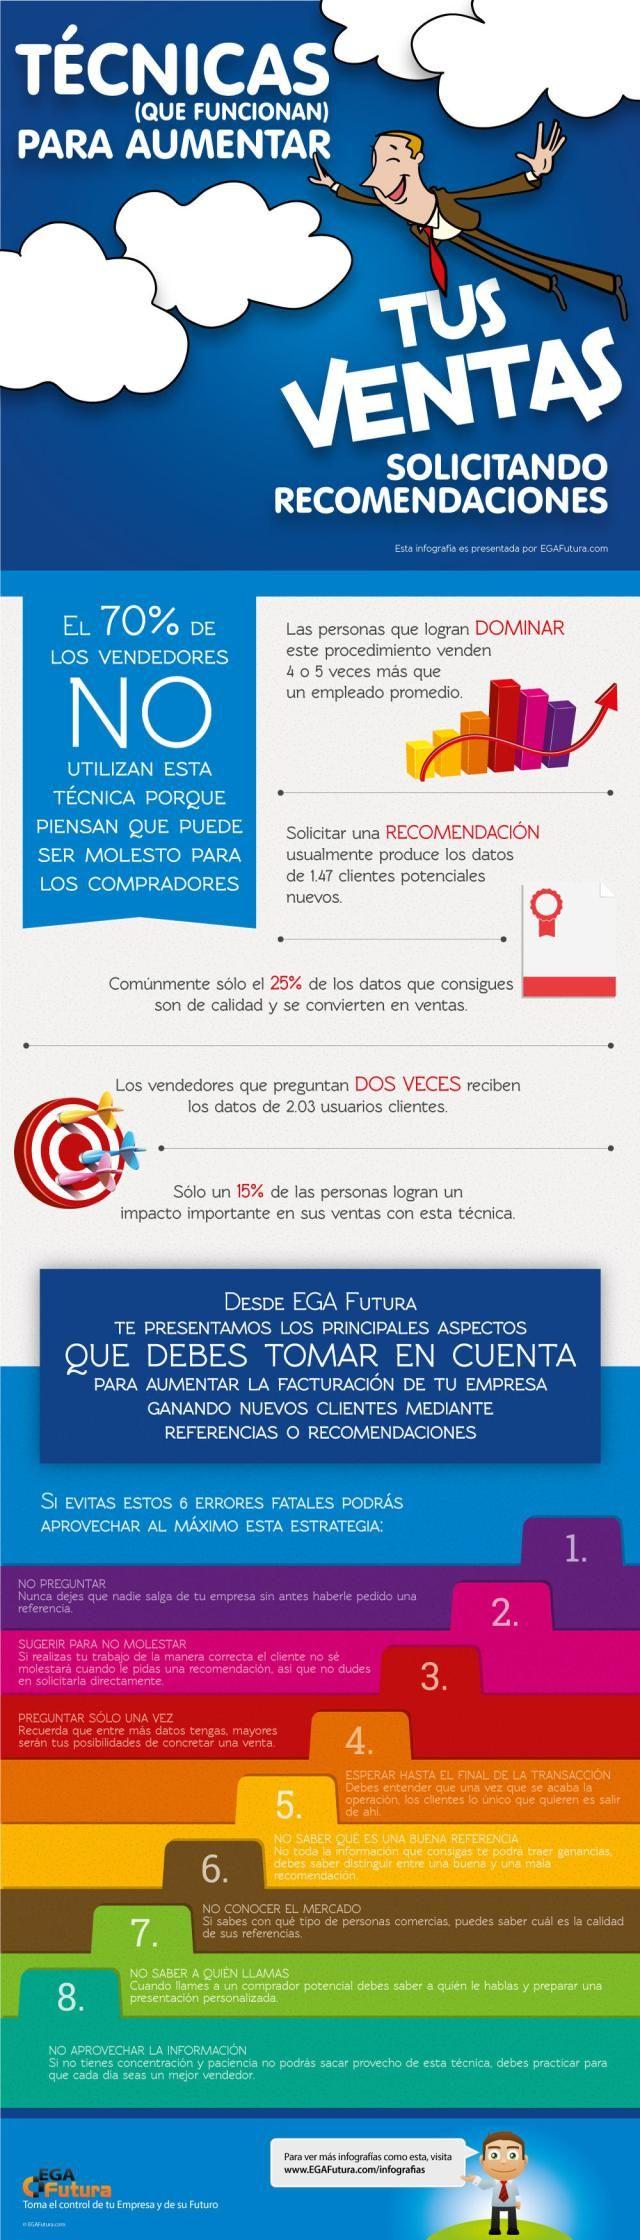 #Infografia #Curiosidades Técnicas para aumentar las ventas. #TAVnews